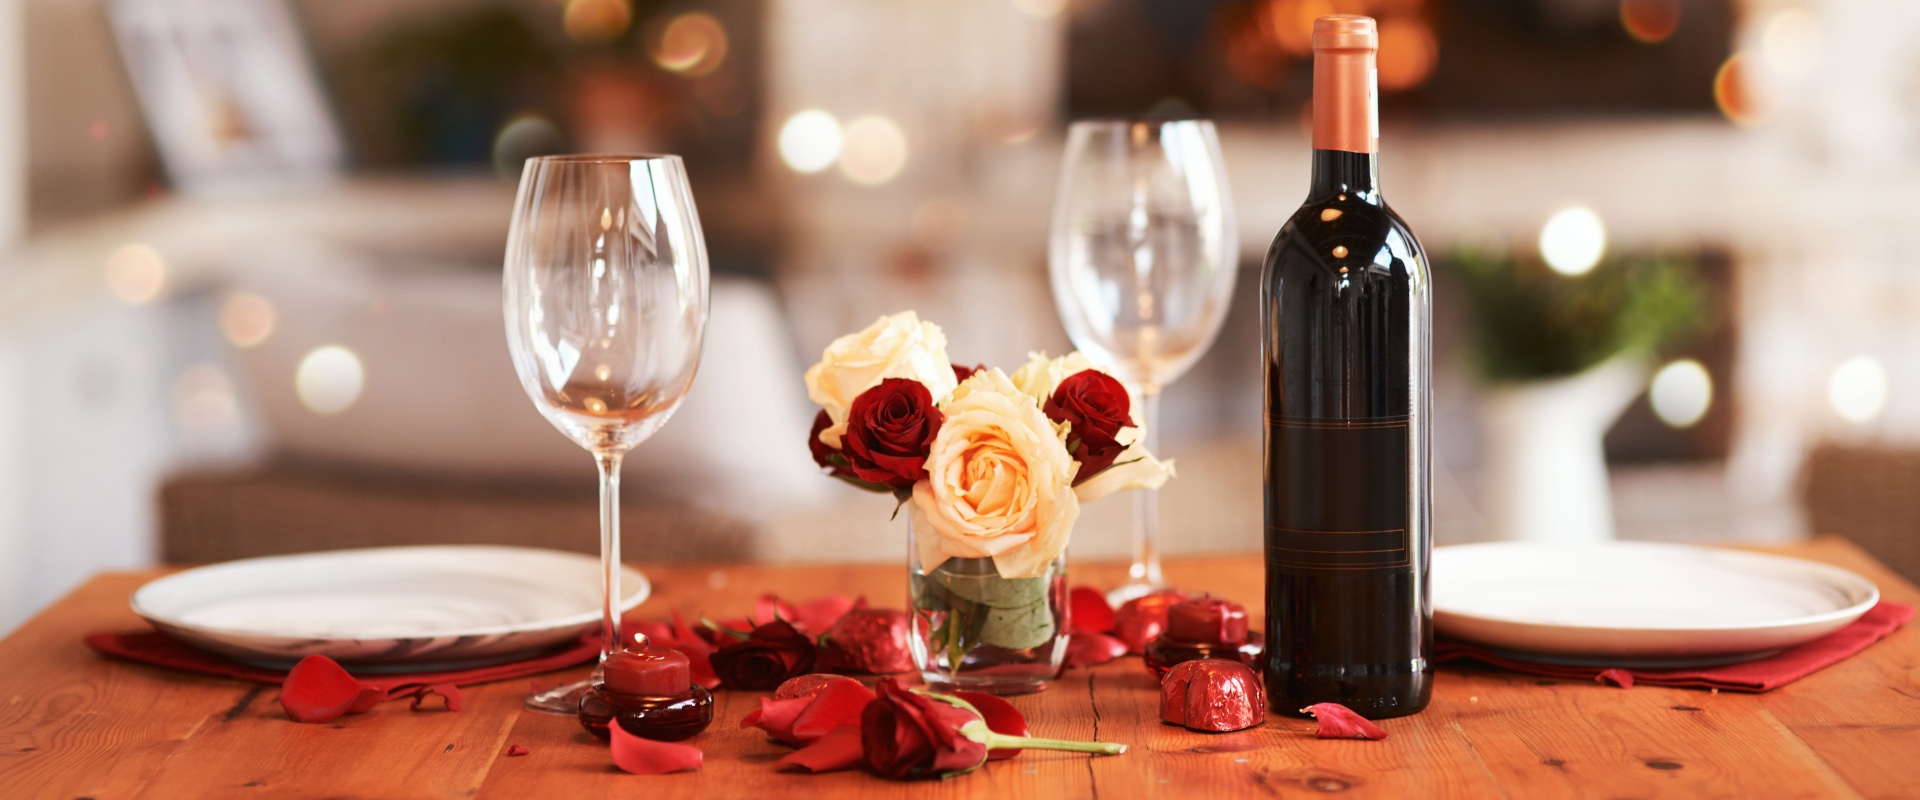 Valentin napi romivacsi cover ok